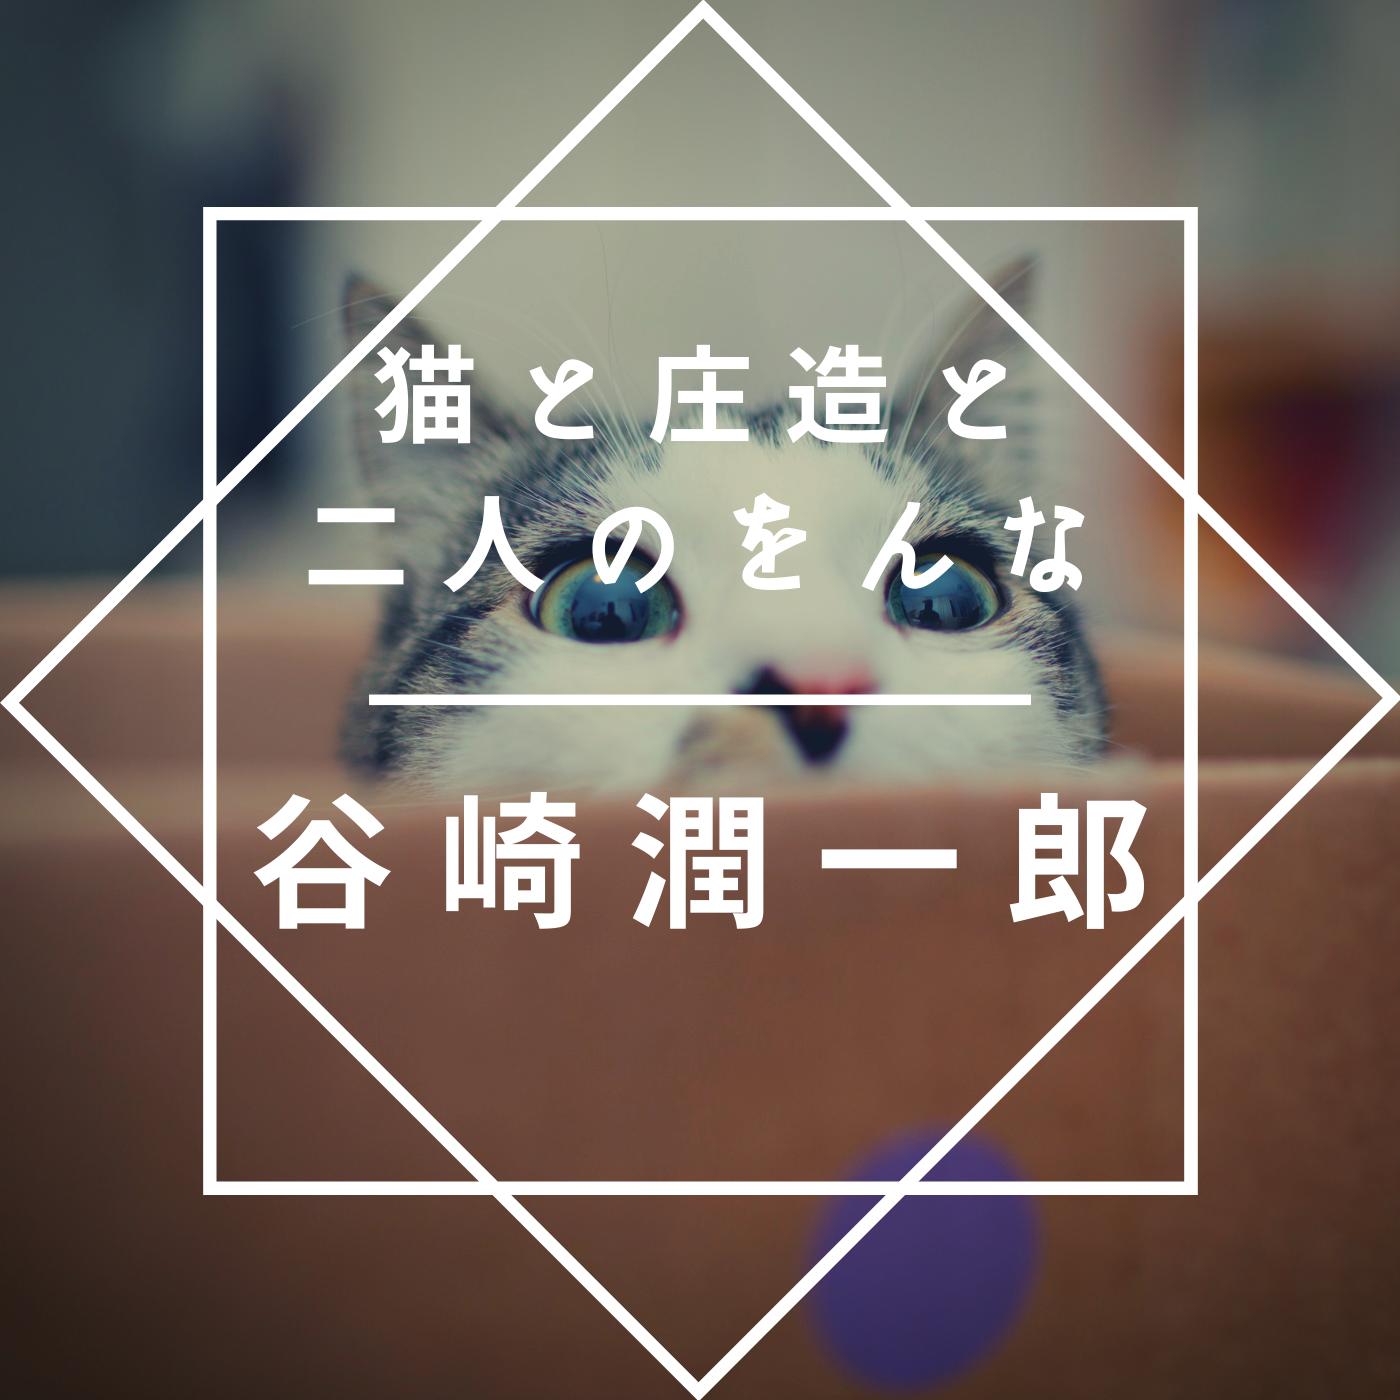 谷崎潤一郎「猫と庄造と二人のをんな」のあらすじを徹底解説、読んでみた感想